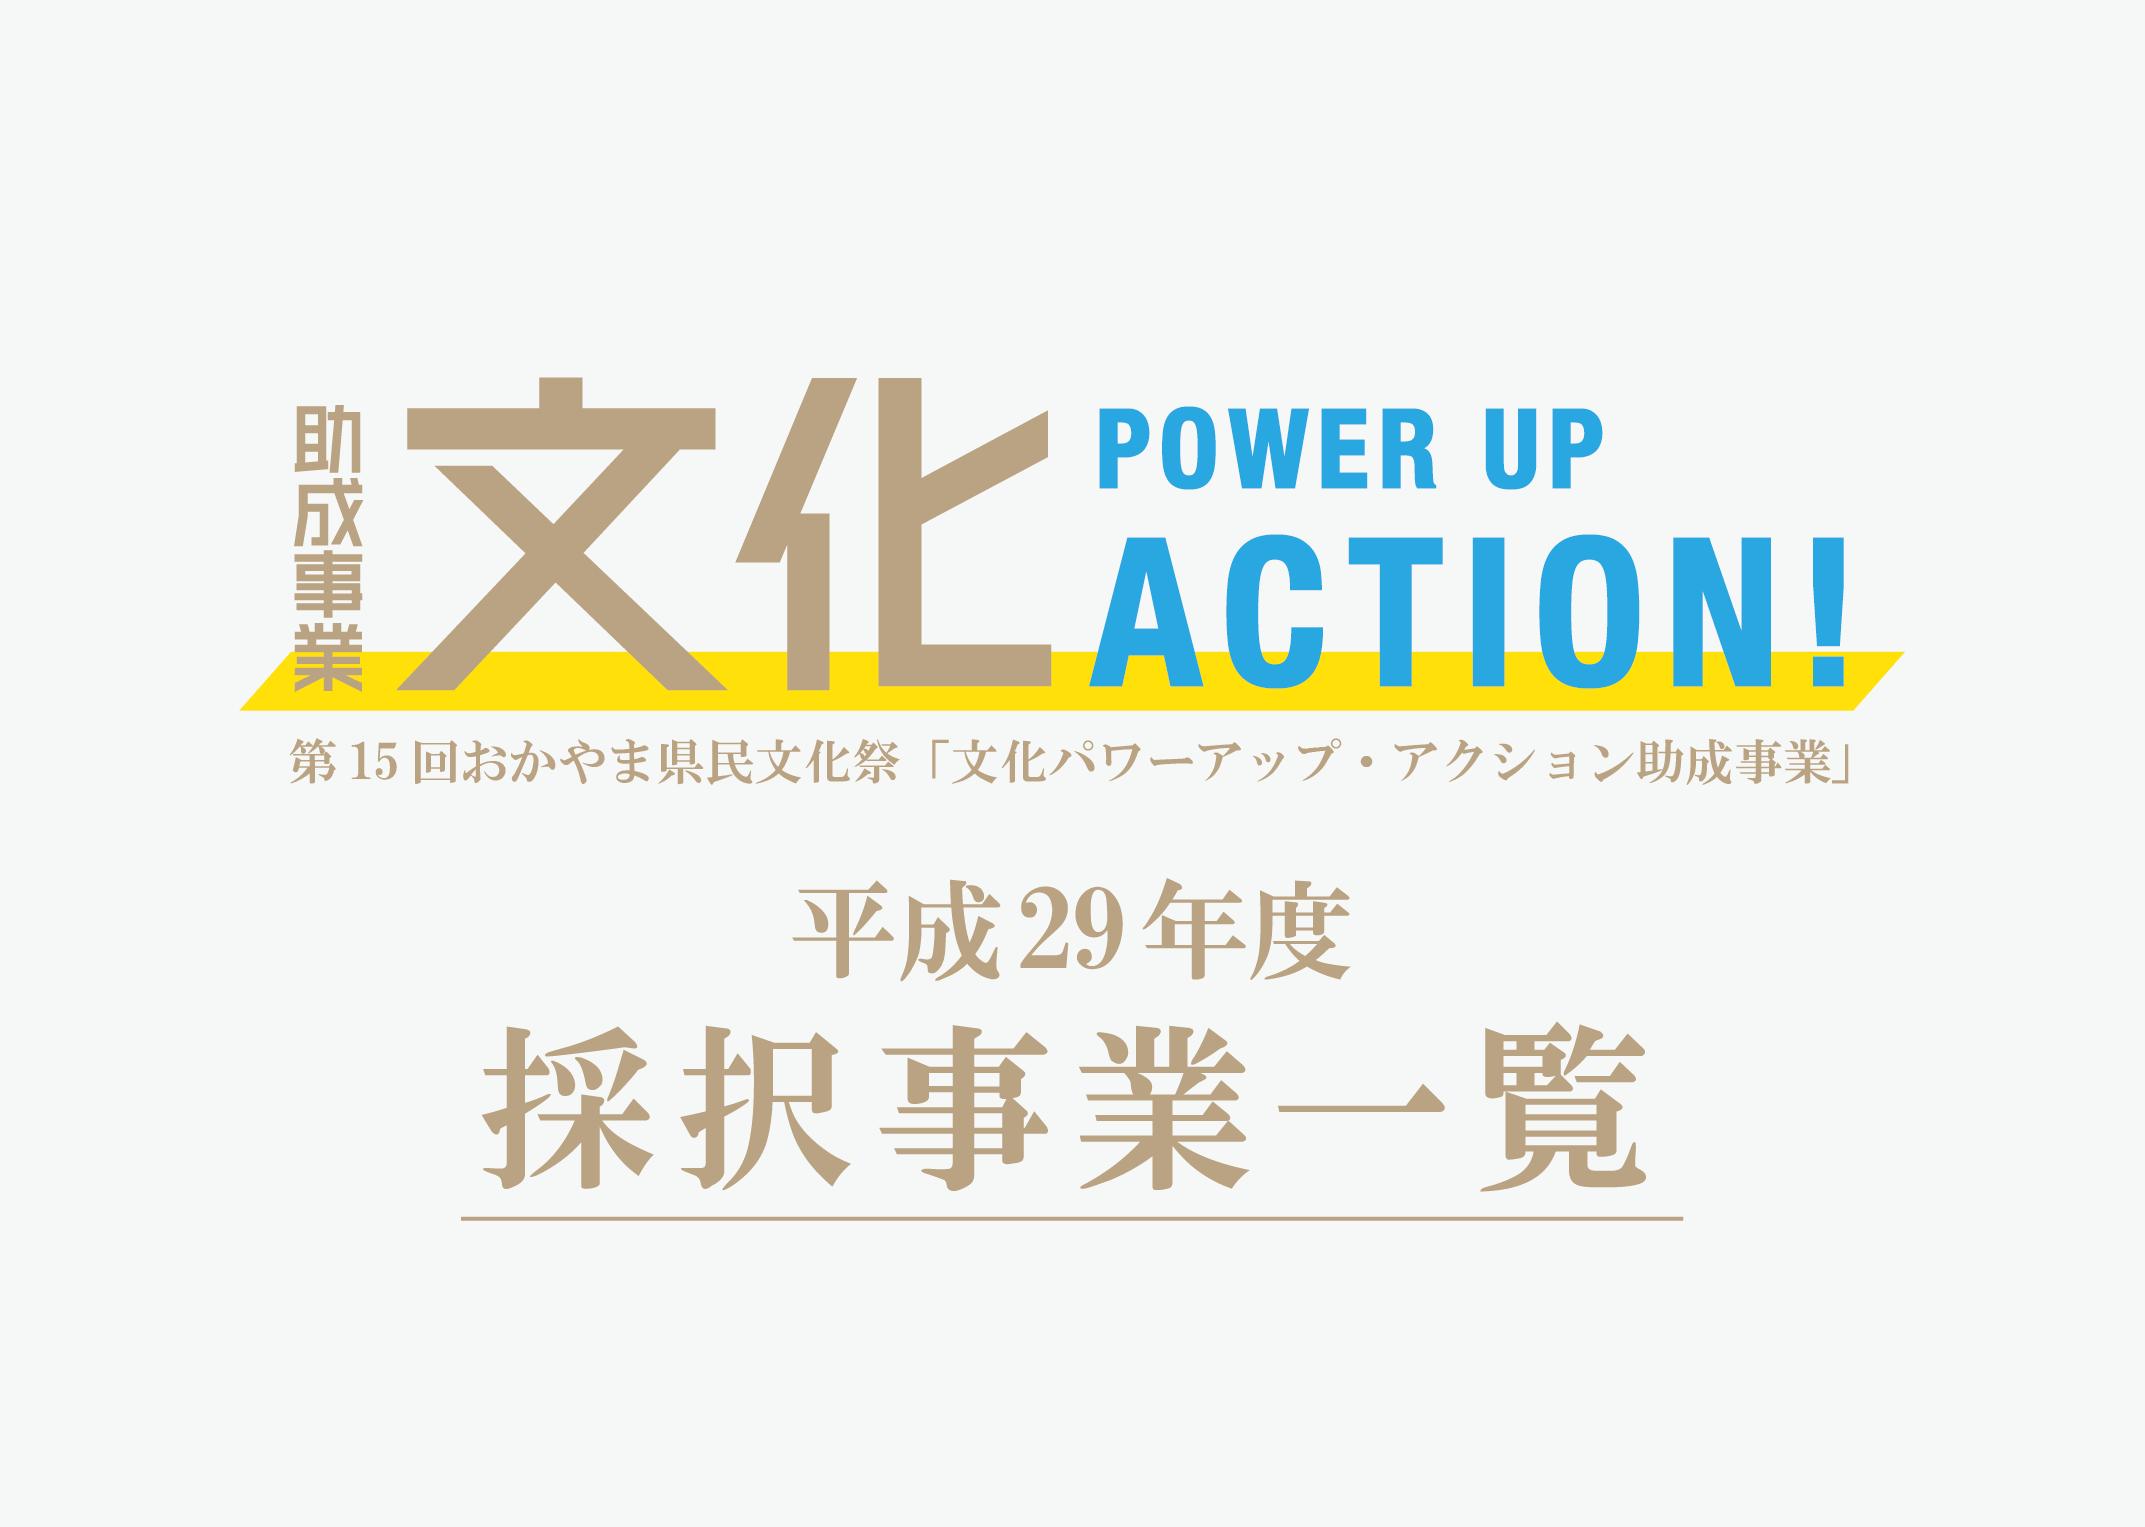 平成29年度 文化パワーアップ・アクション 採択事業結果